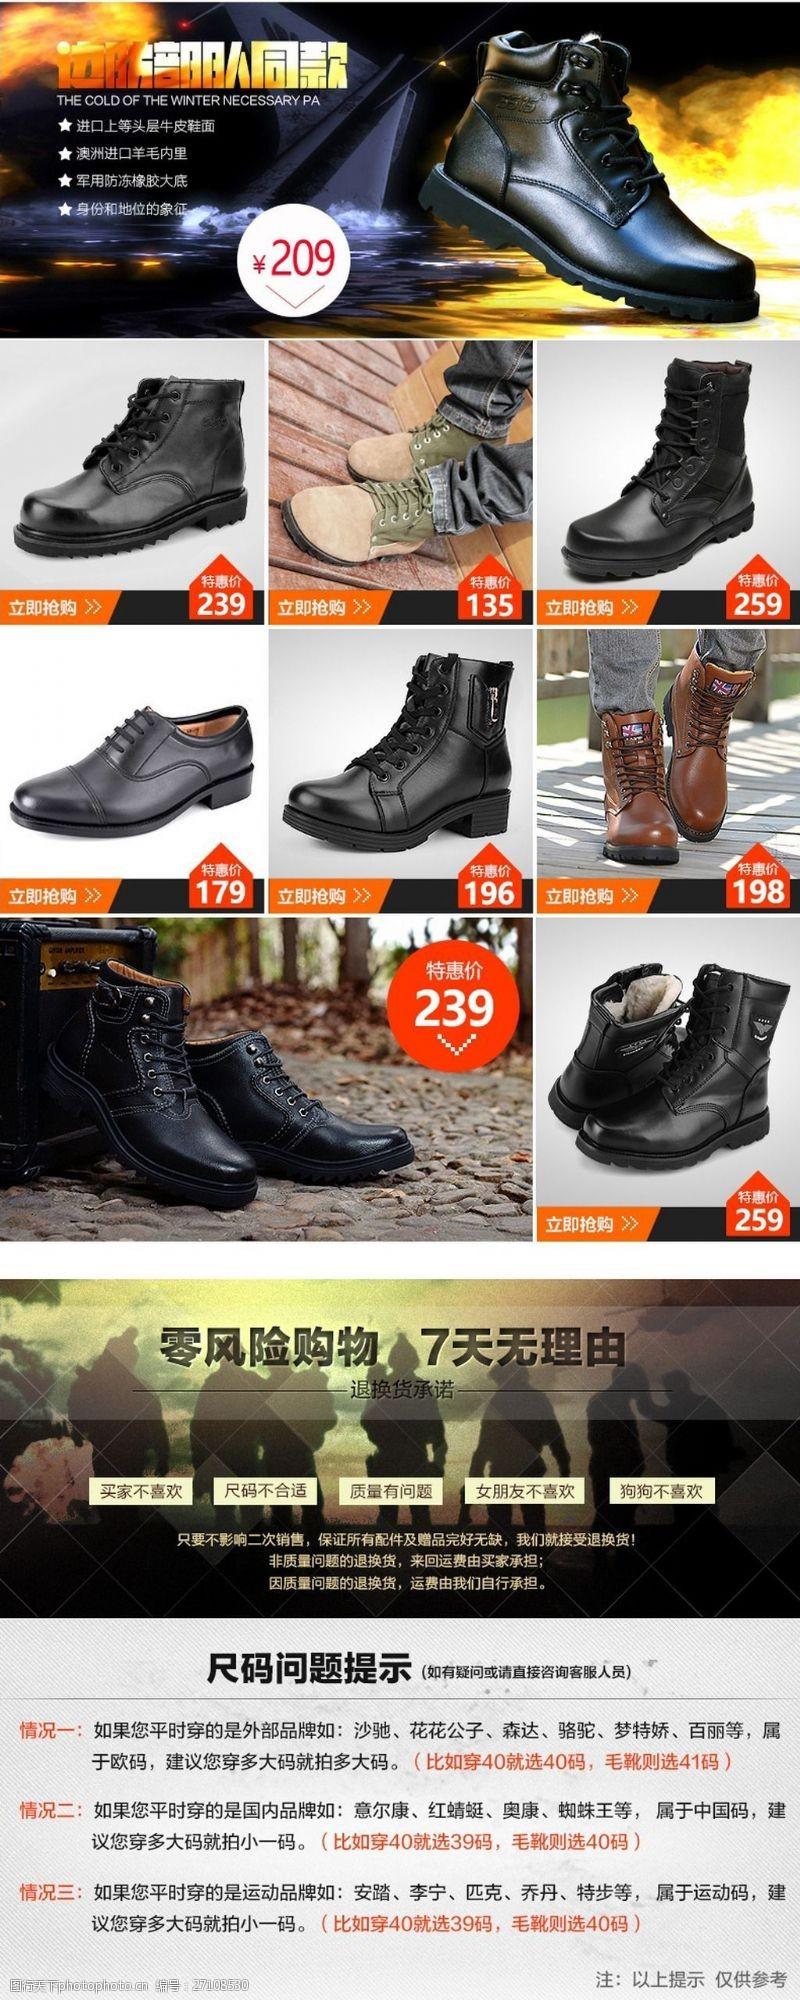 天猫男鞋军靴详情页